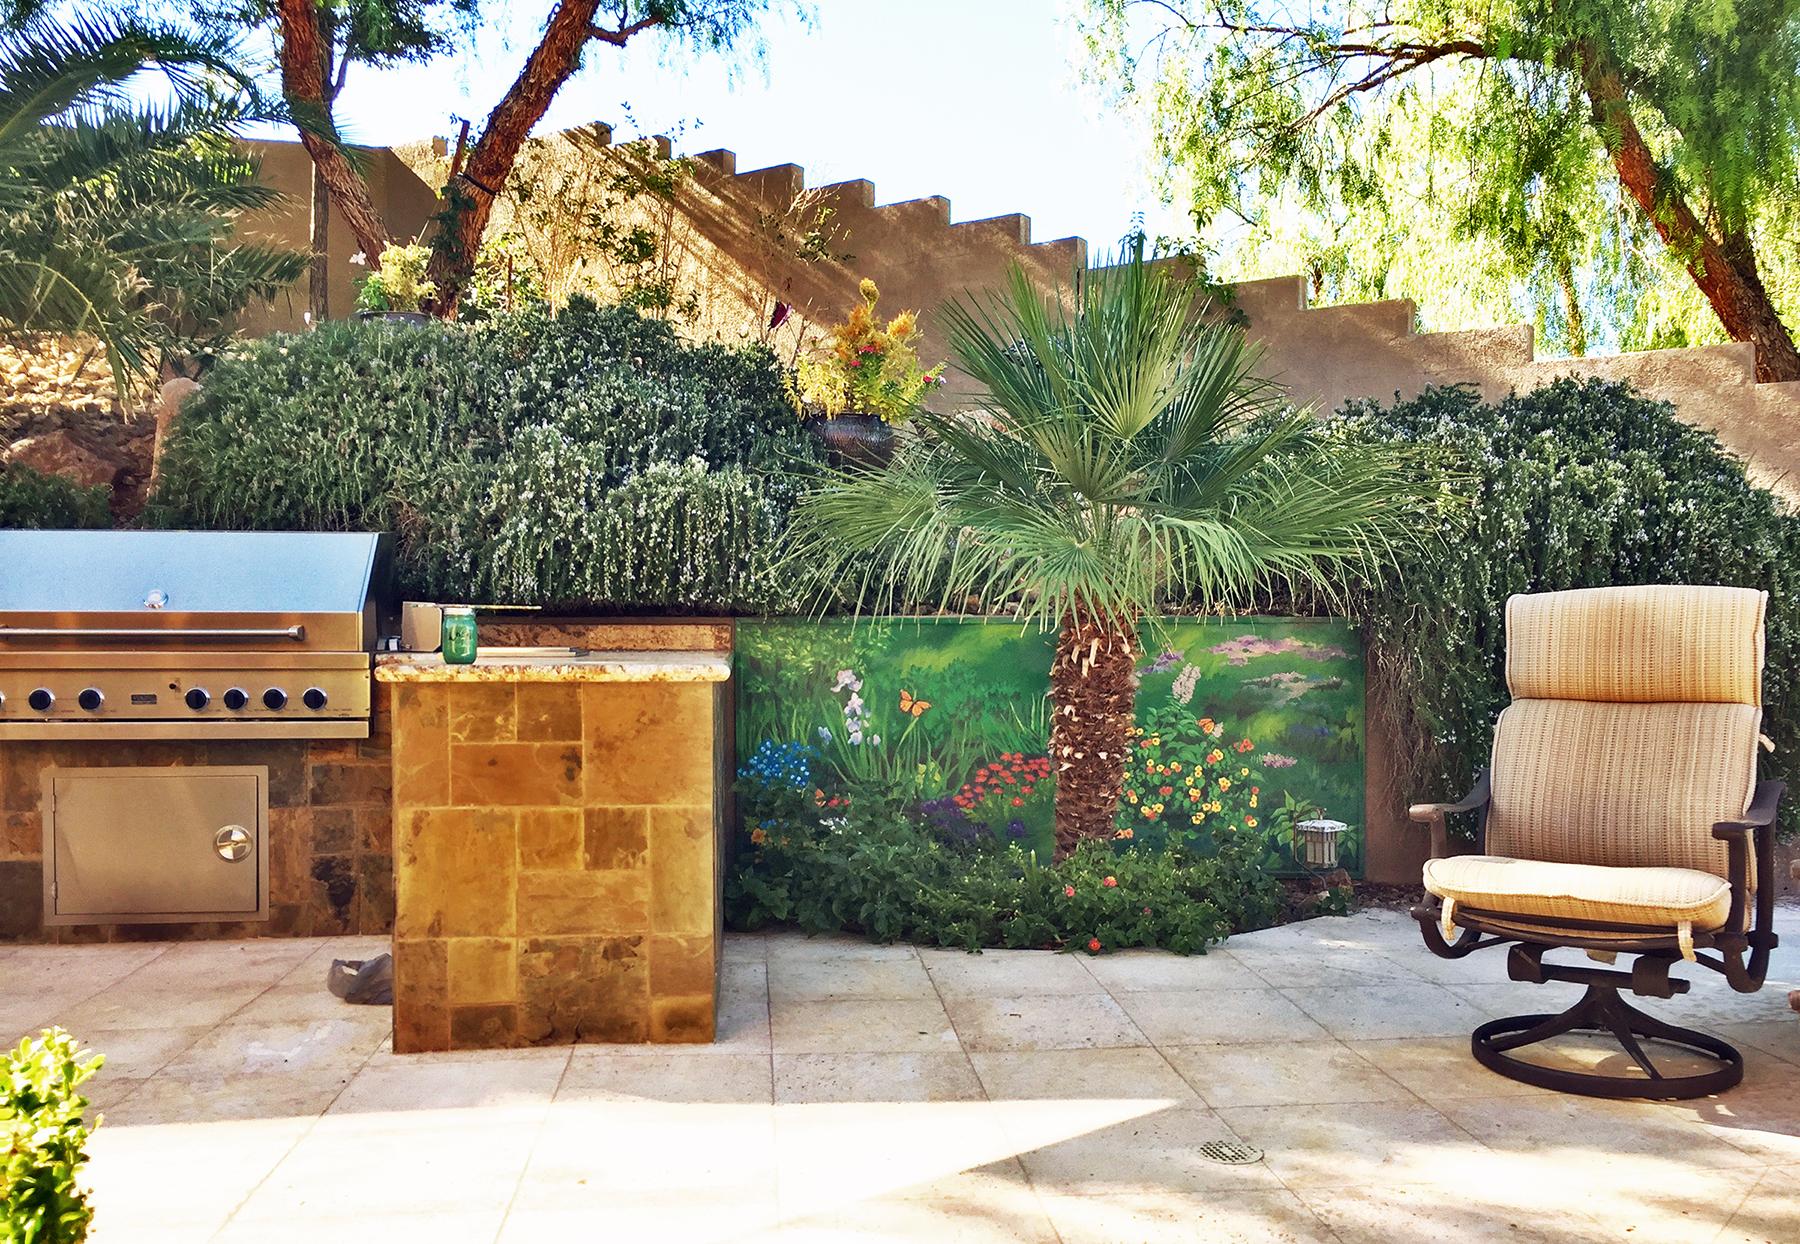 Backyard wall after